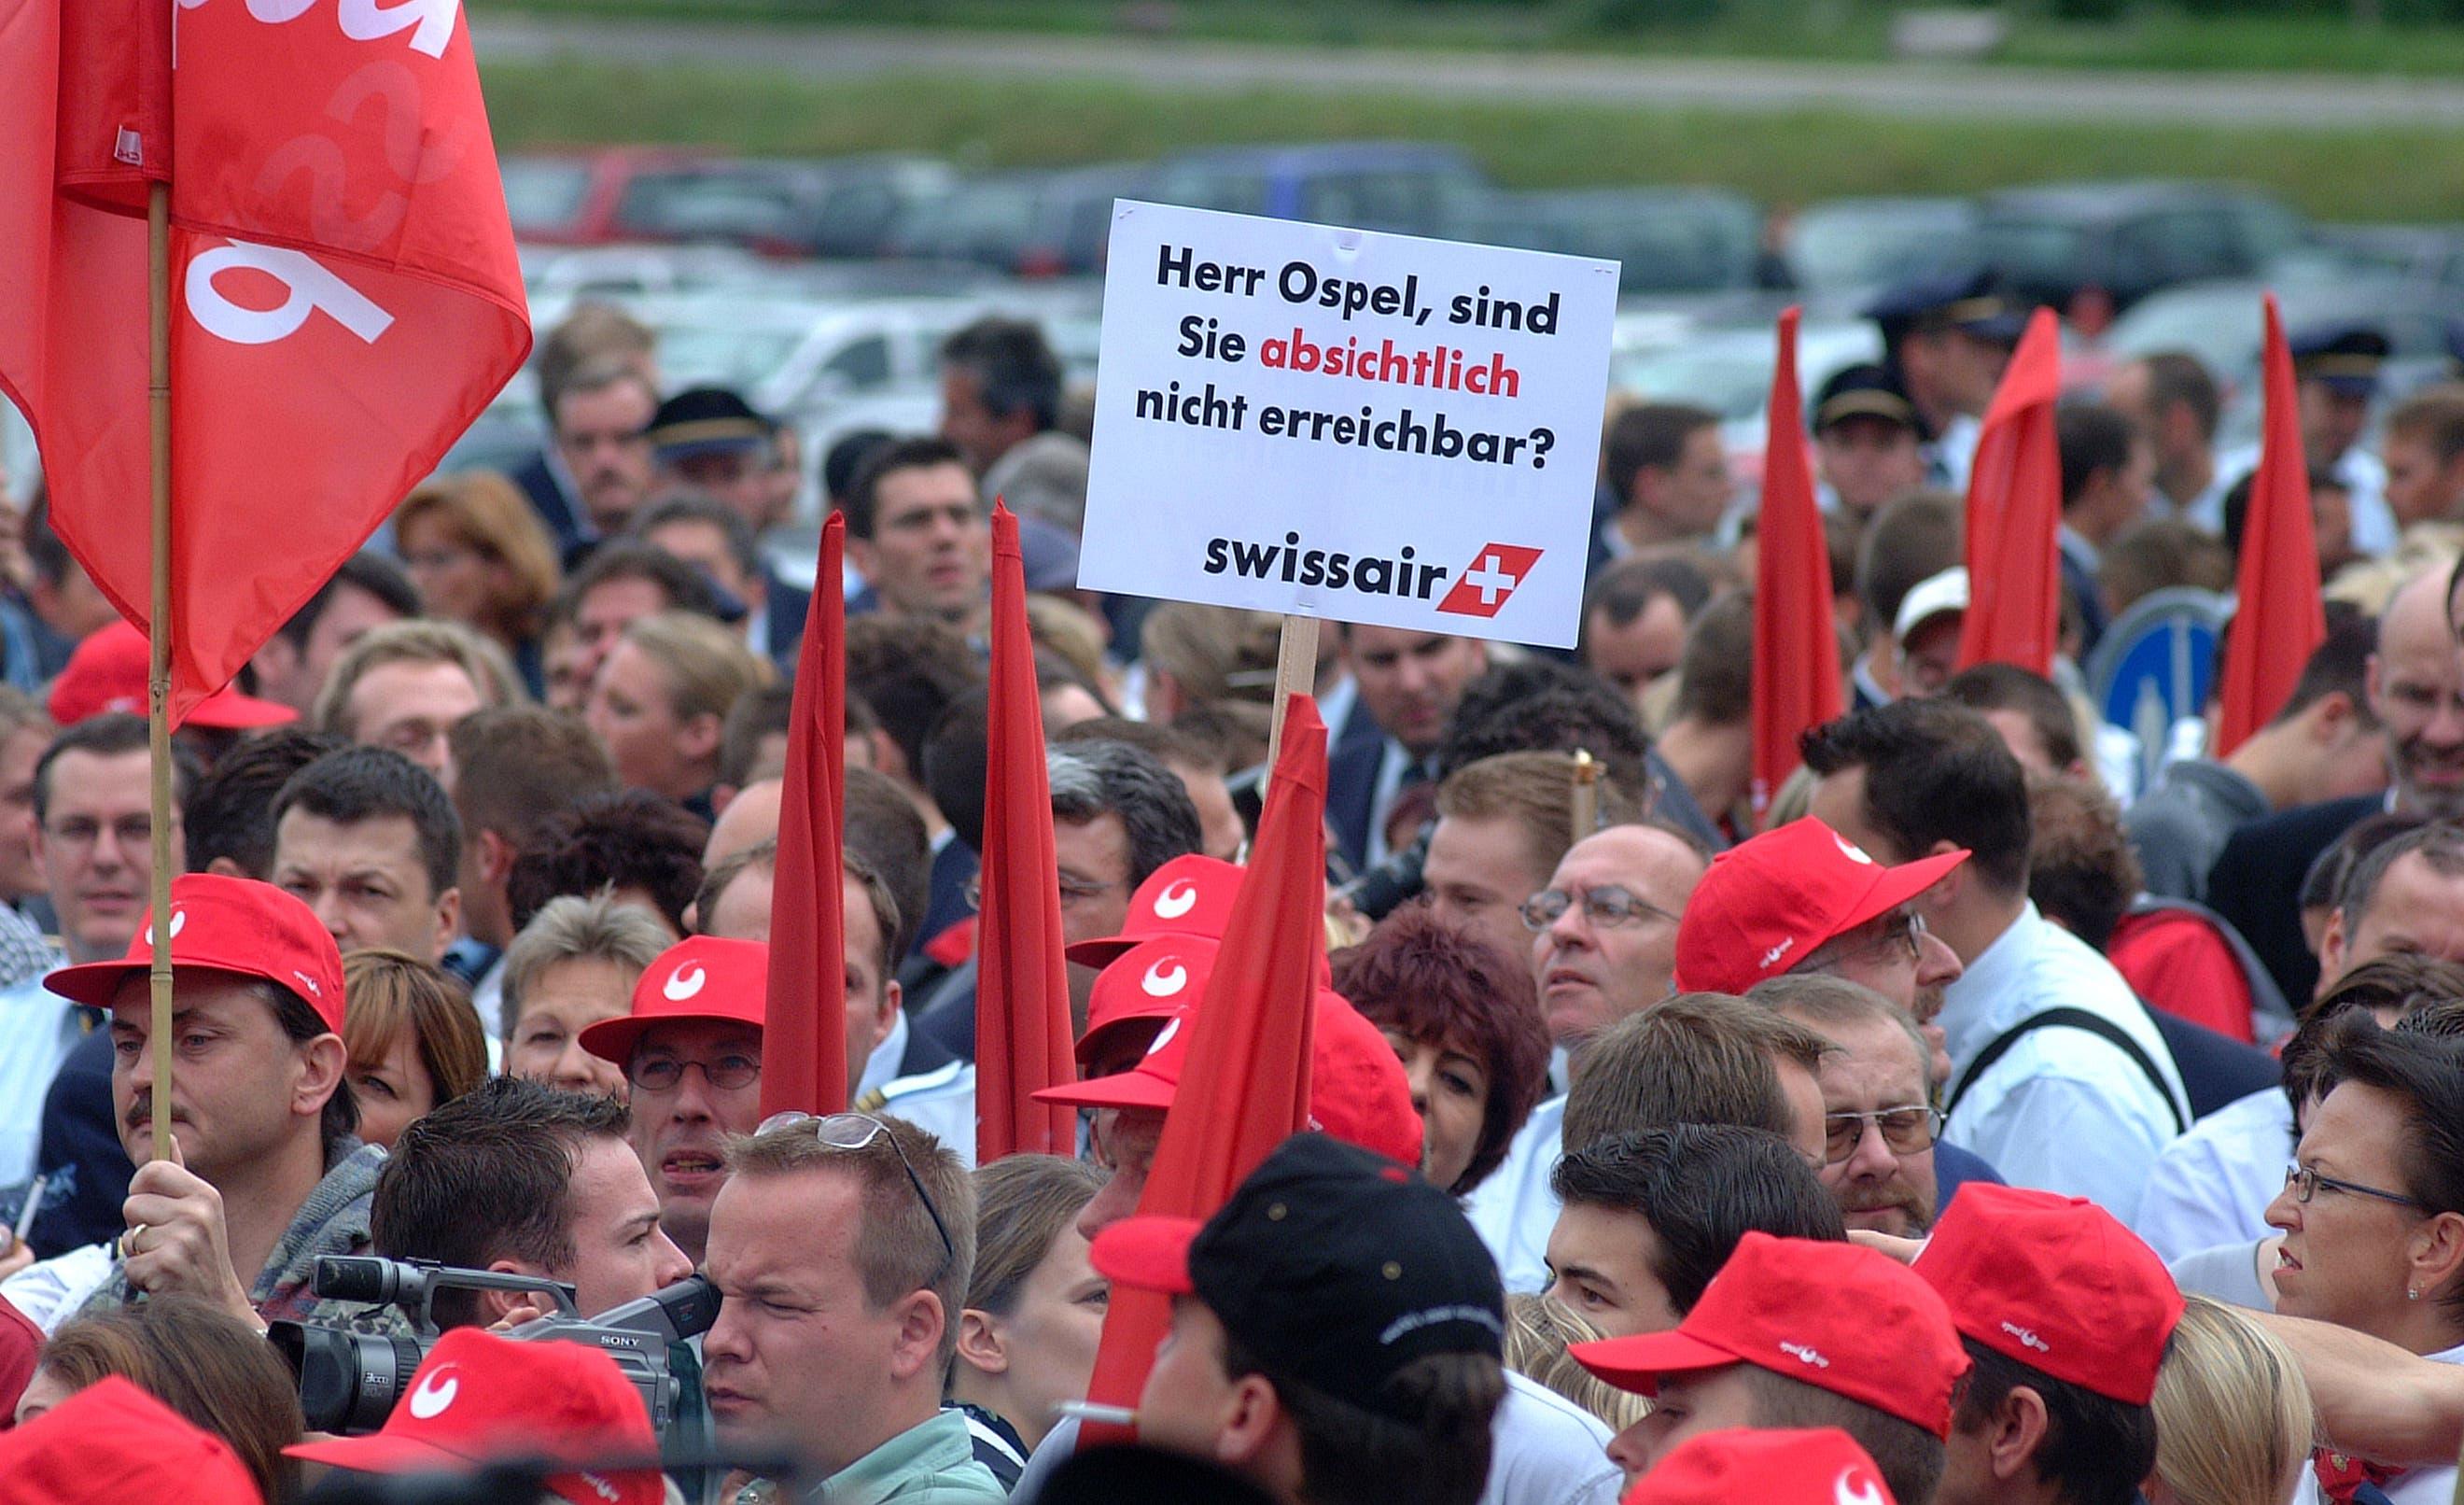 Demo des Swissair-Personal vor dem Hauptsitz Balsberg. Die Grossbanken kamen schlecht weg. UBS-Chef Marcel Ospel wurde vorgeworfen, im wichtigsten Moment abwesend gewesen zu sein. (3.10.2001)